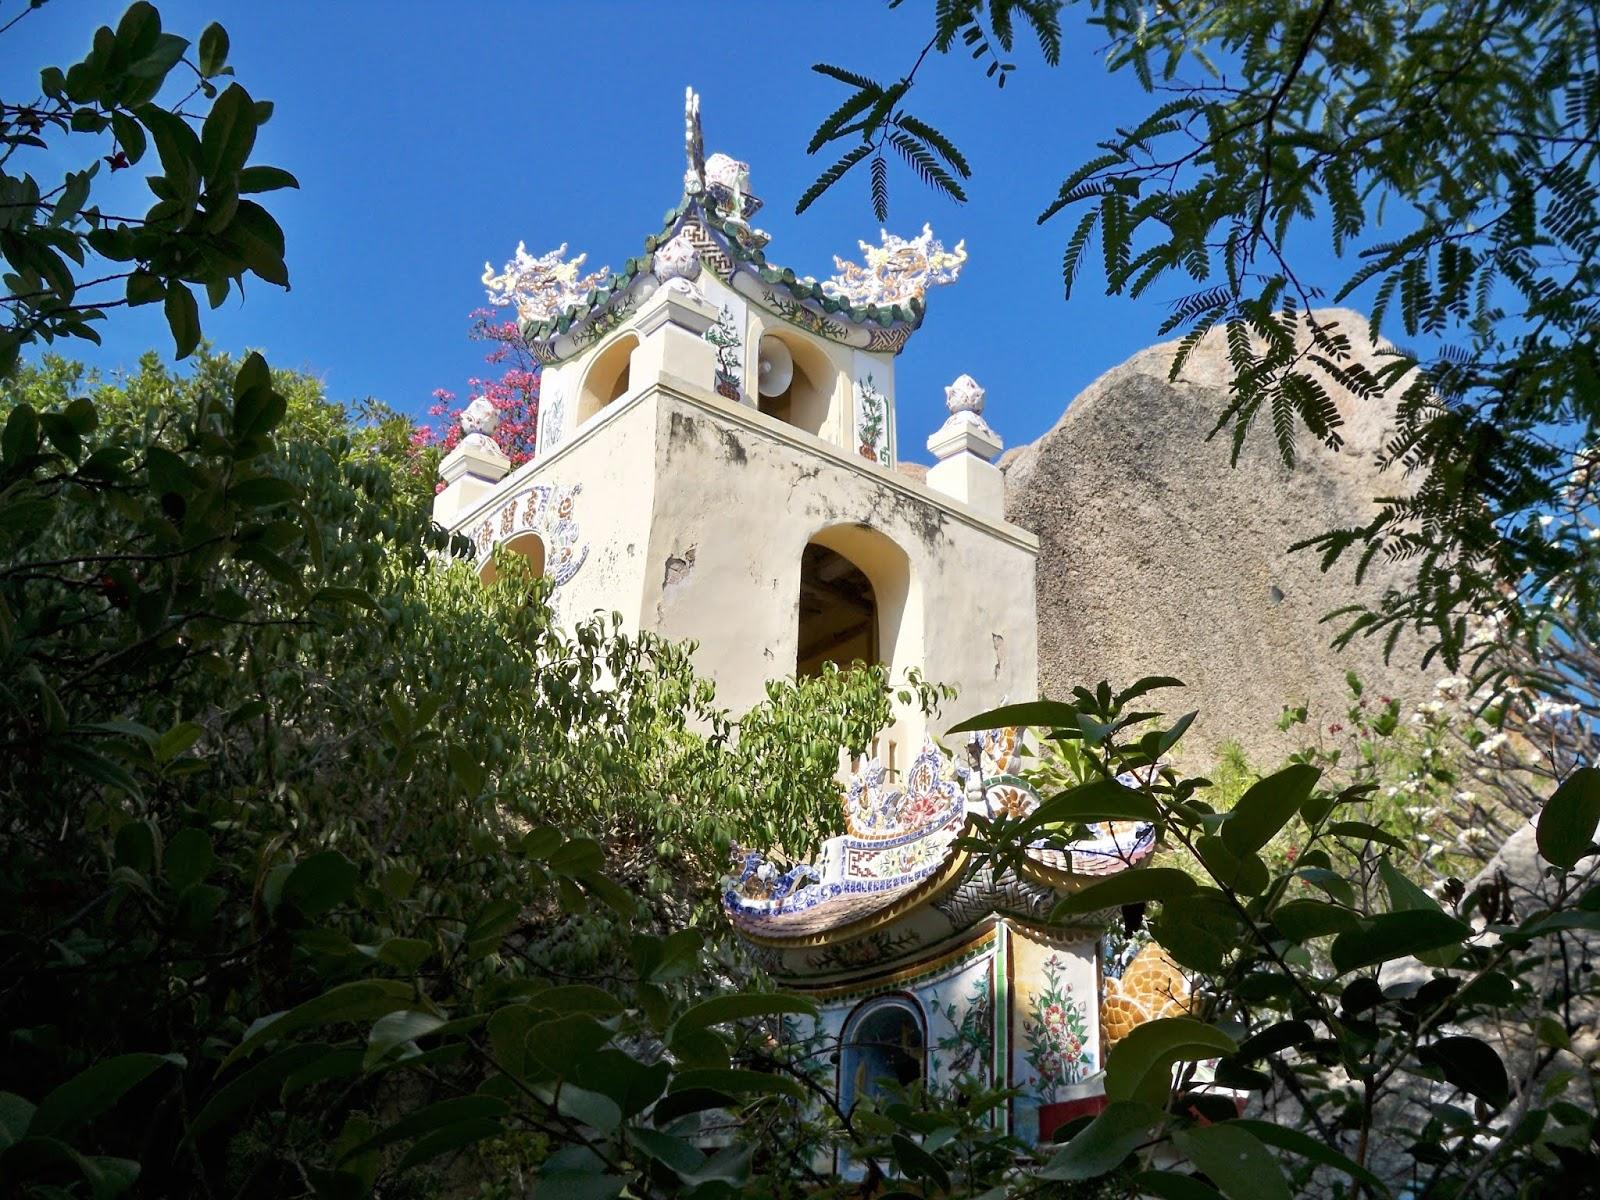 40 + địa điểm du lịch Phan Thiết - Mũi Né - Bình Thuận đẹp nổi tiếng nhất